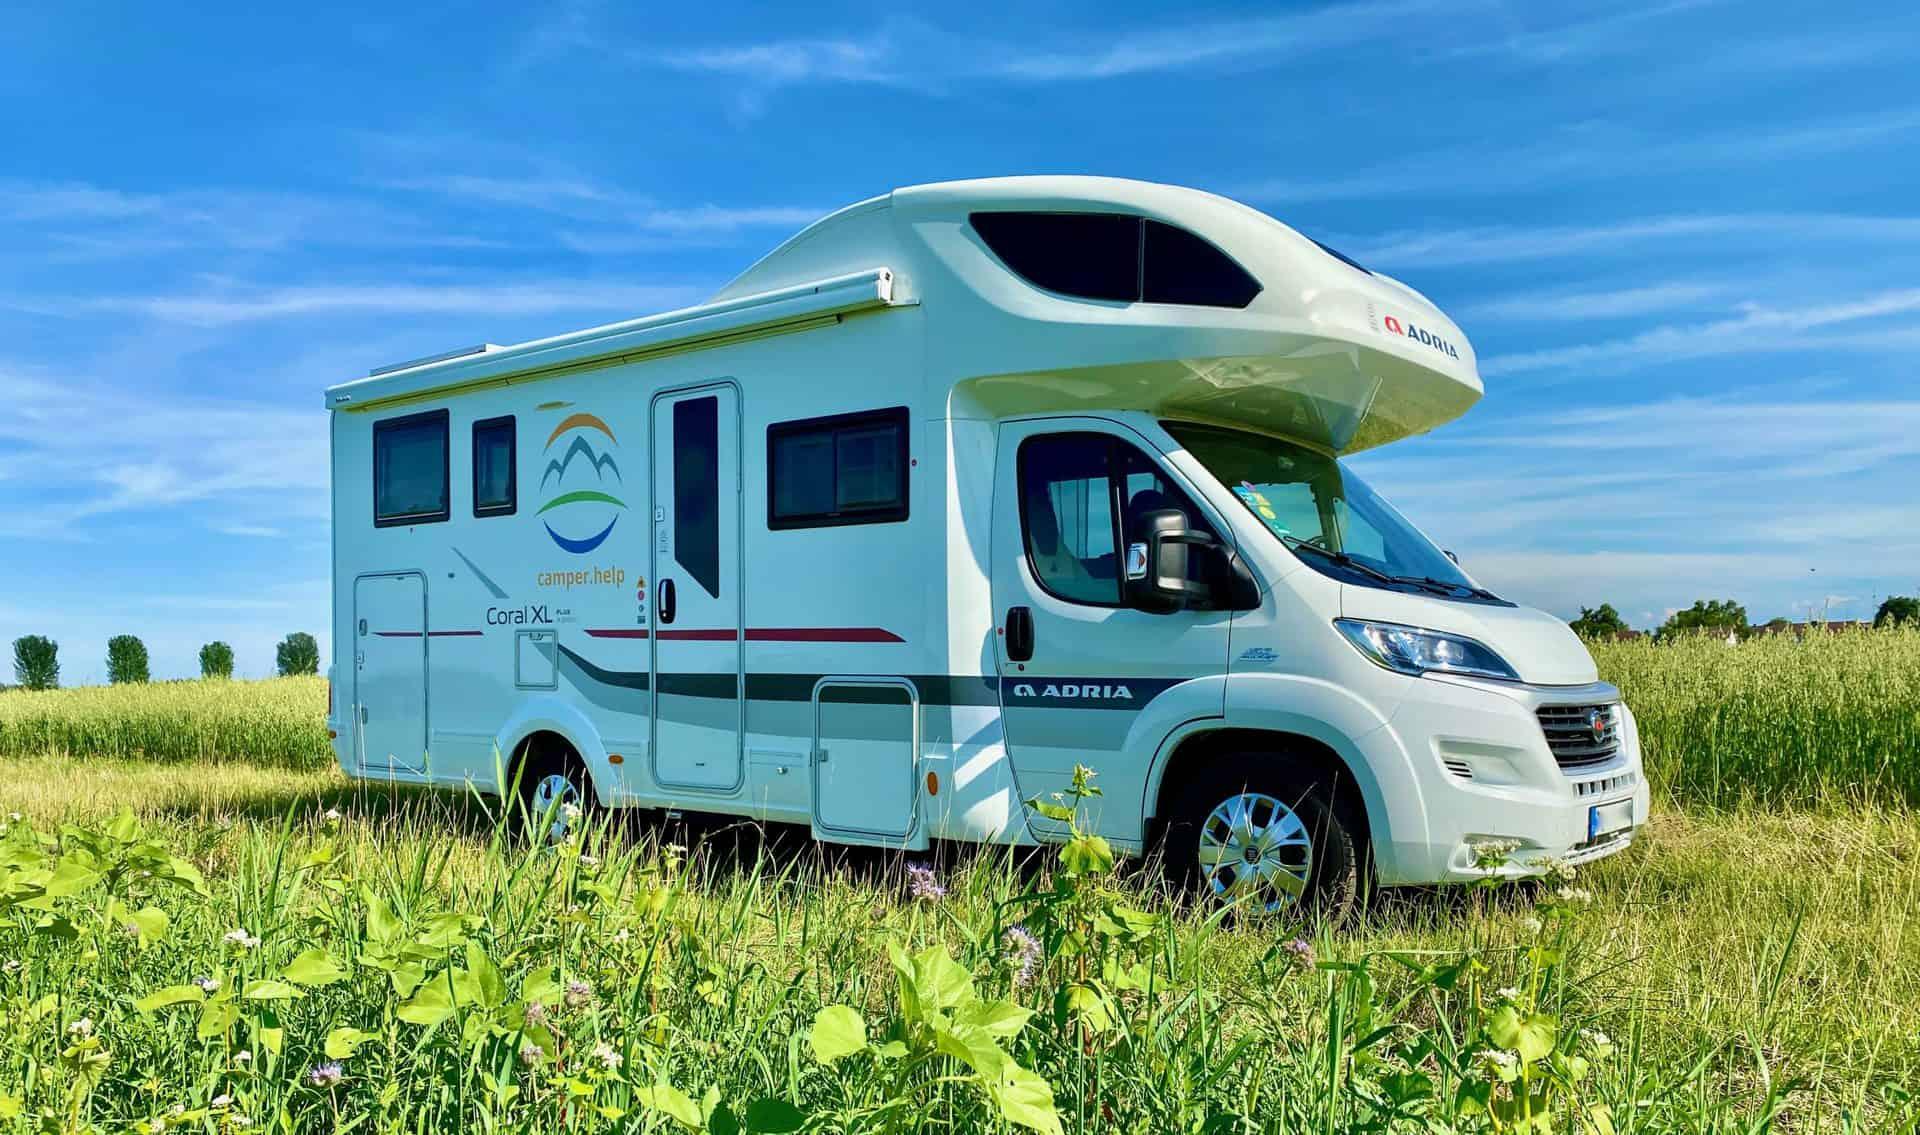 camper-help-wohnmobil-feld-blumenwiese-schönes-wetter3